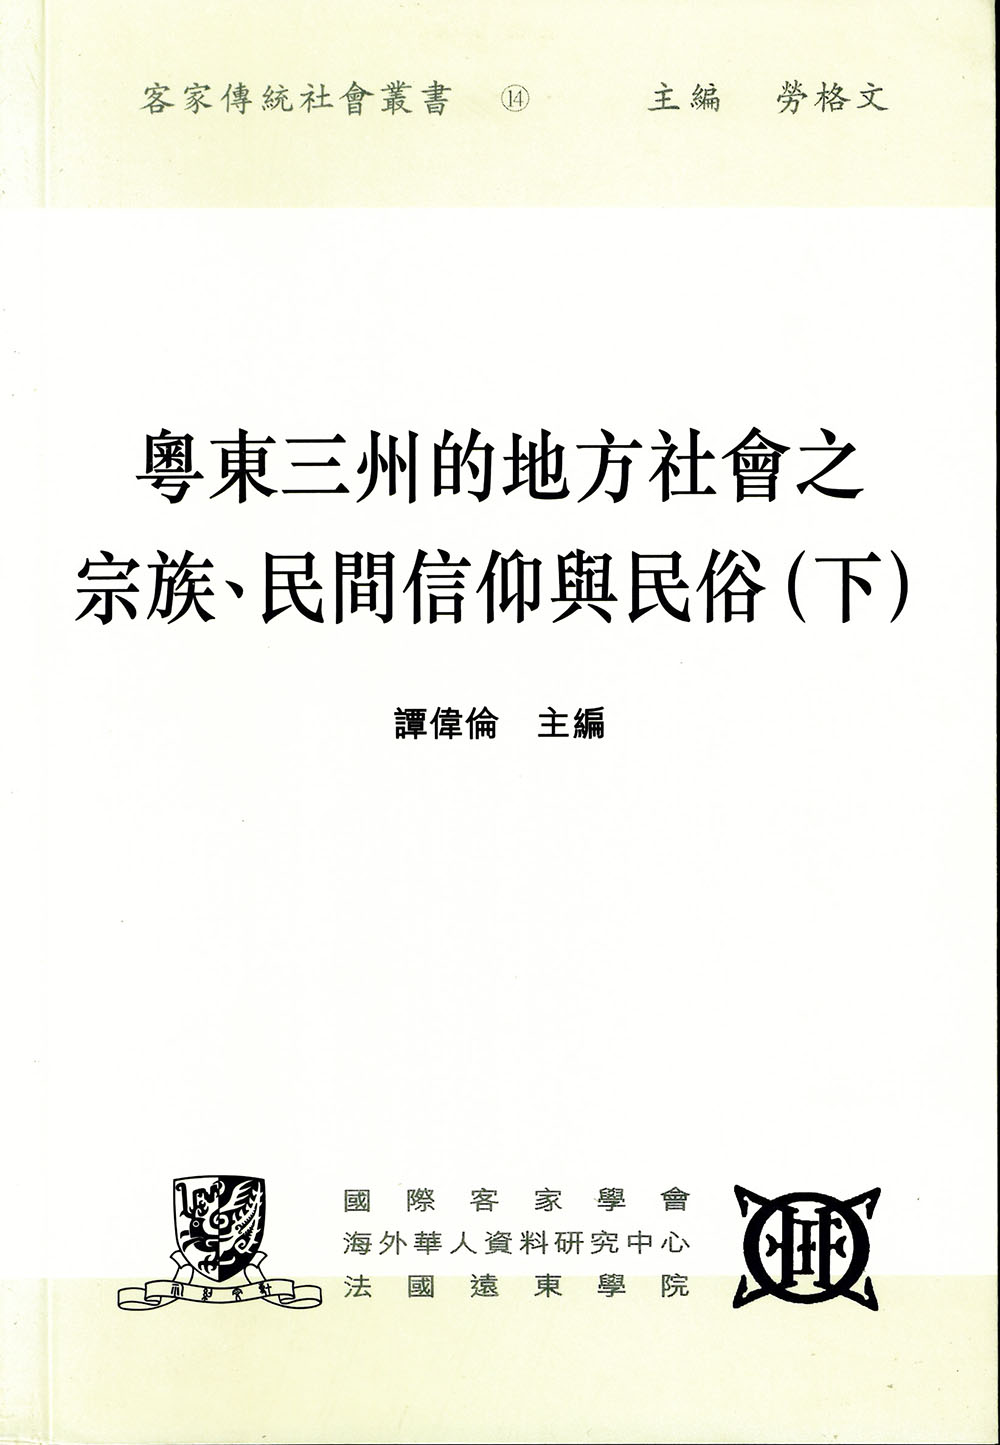 Yuedong sanzhou de difang shehui zhi zongjiao, minjian xinyang yu minsu (xia) = Lineage, Popular Religion and Traditions in Three Prefectures in Eastern Guangdong Volume 2